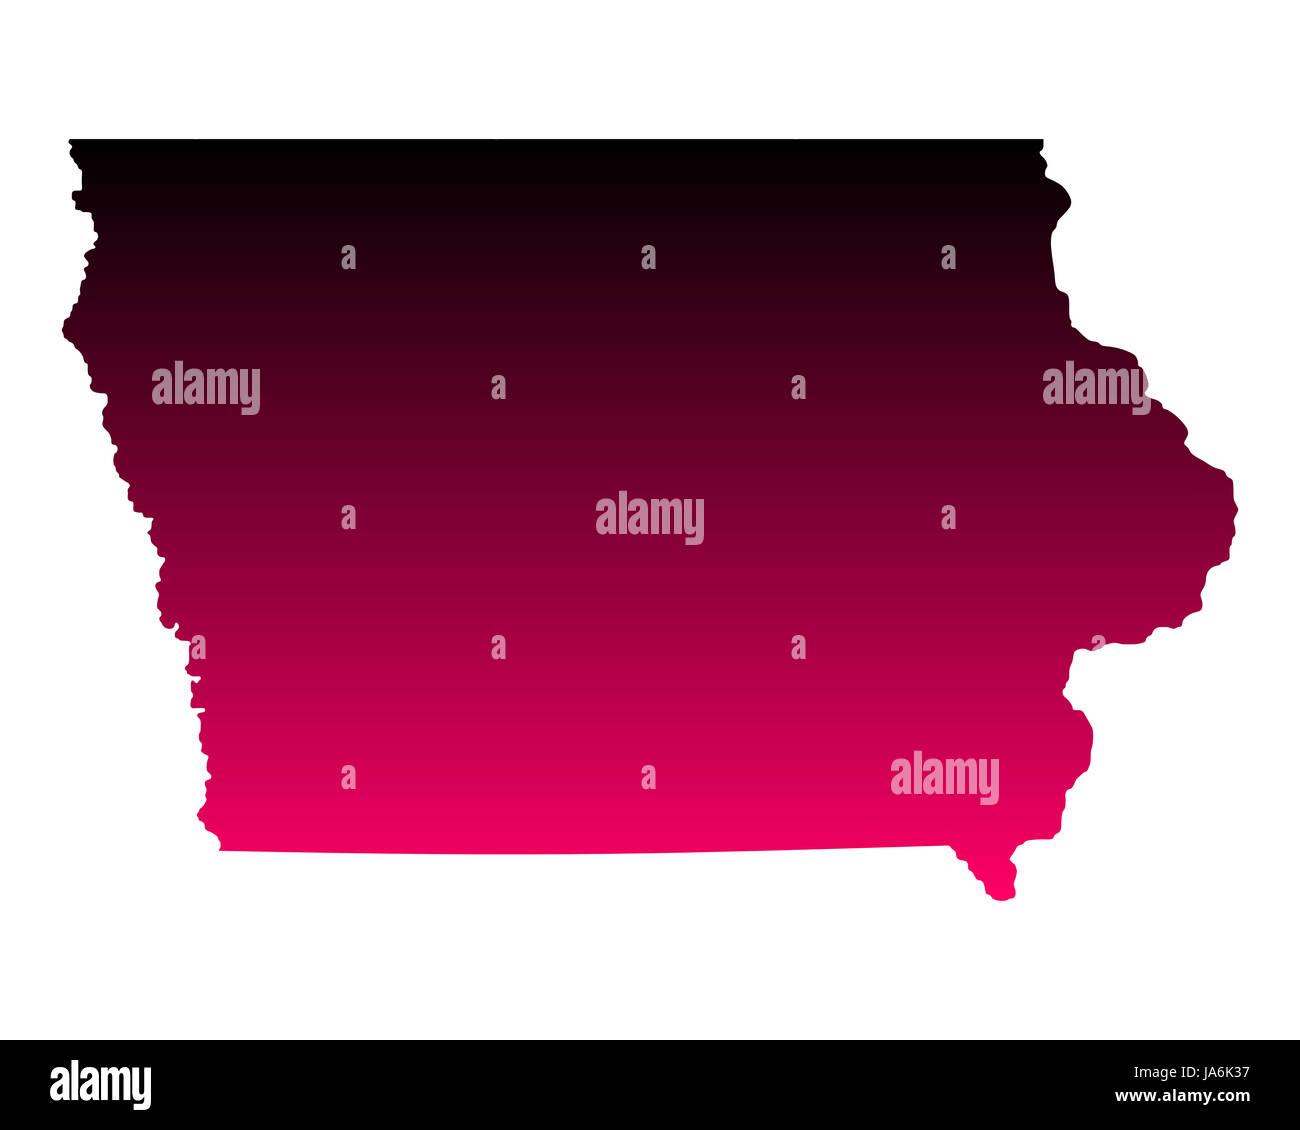 Karte von Iowa - Stock Image